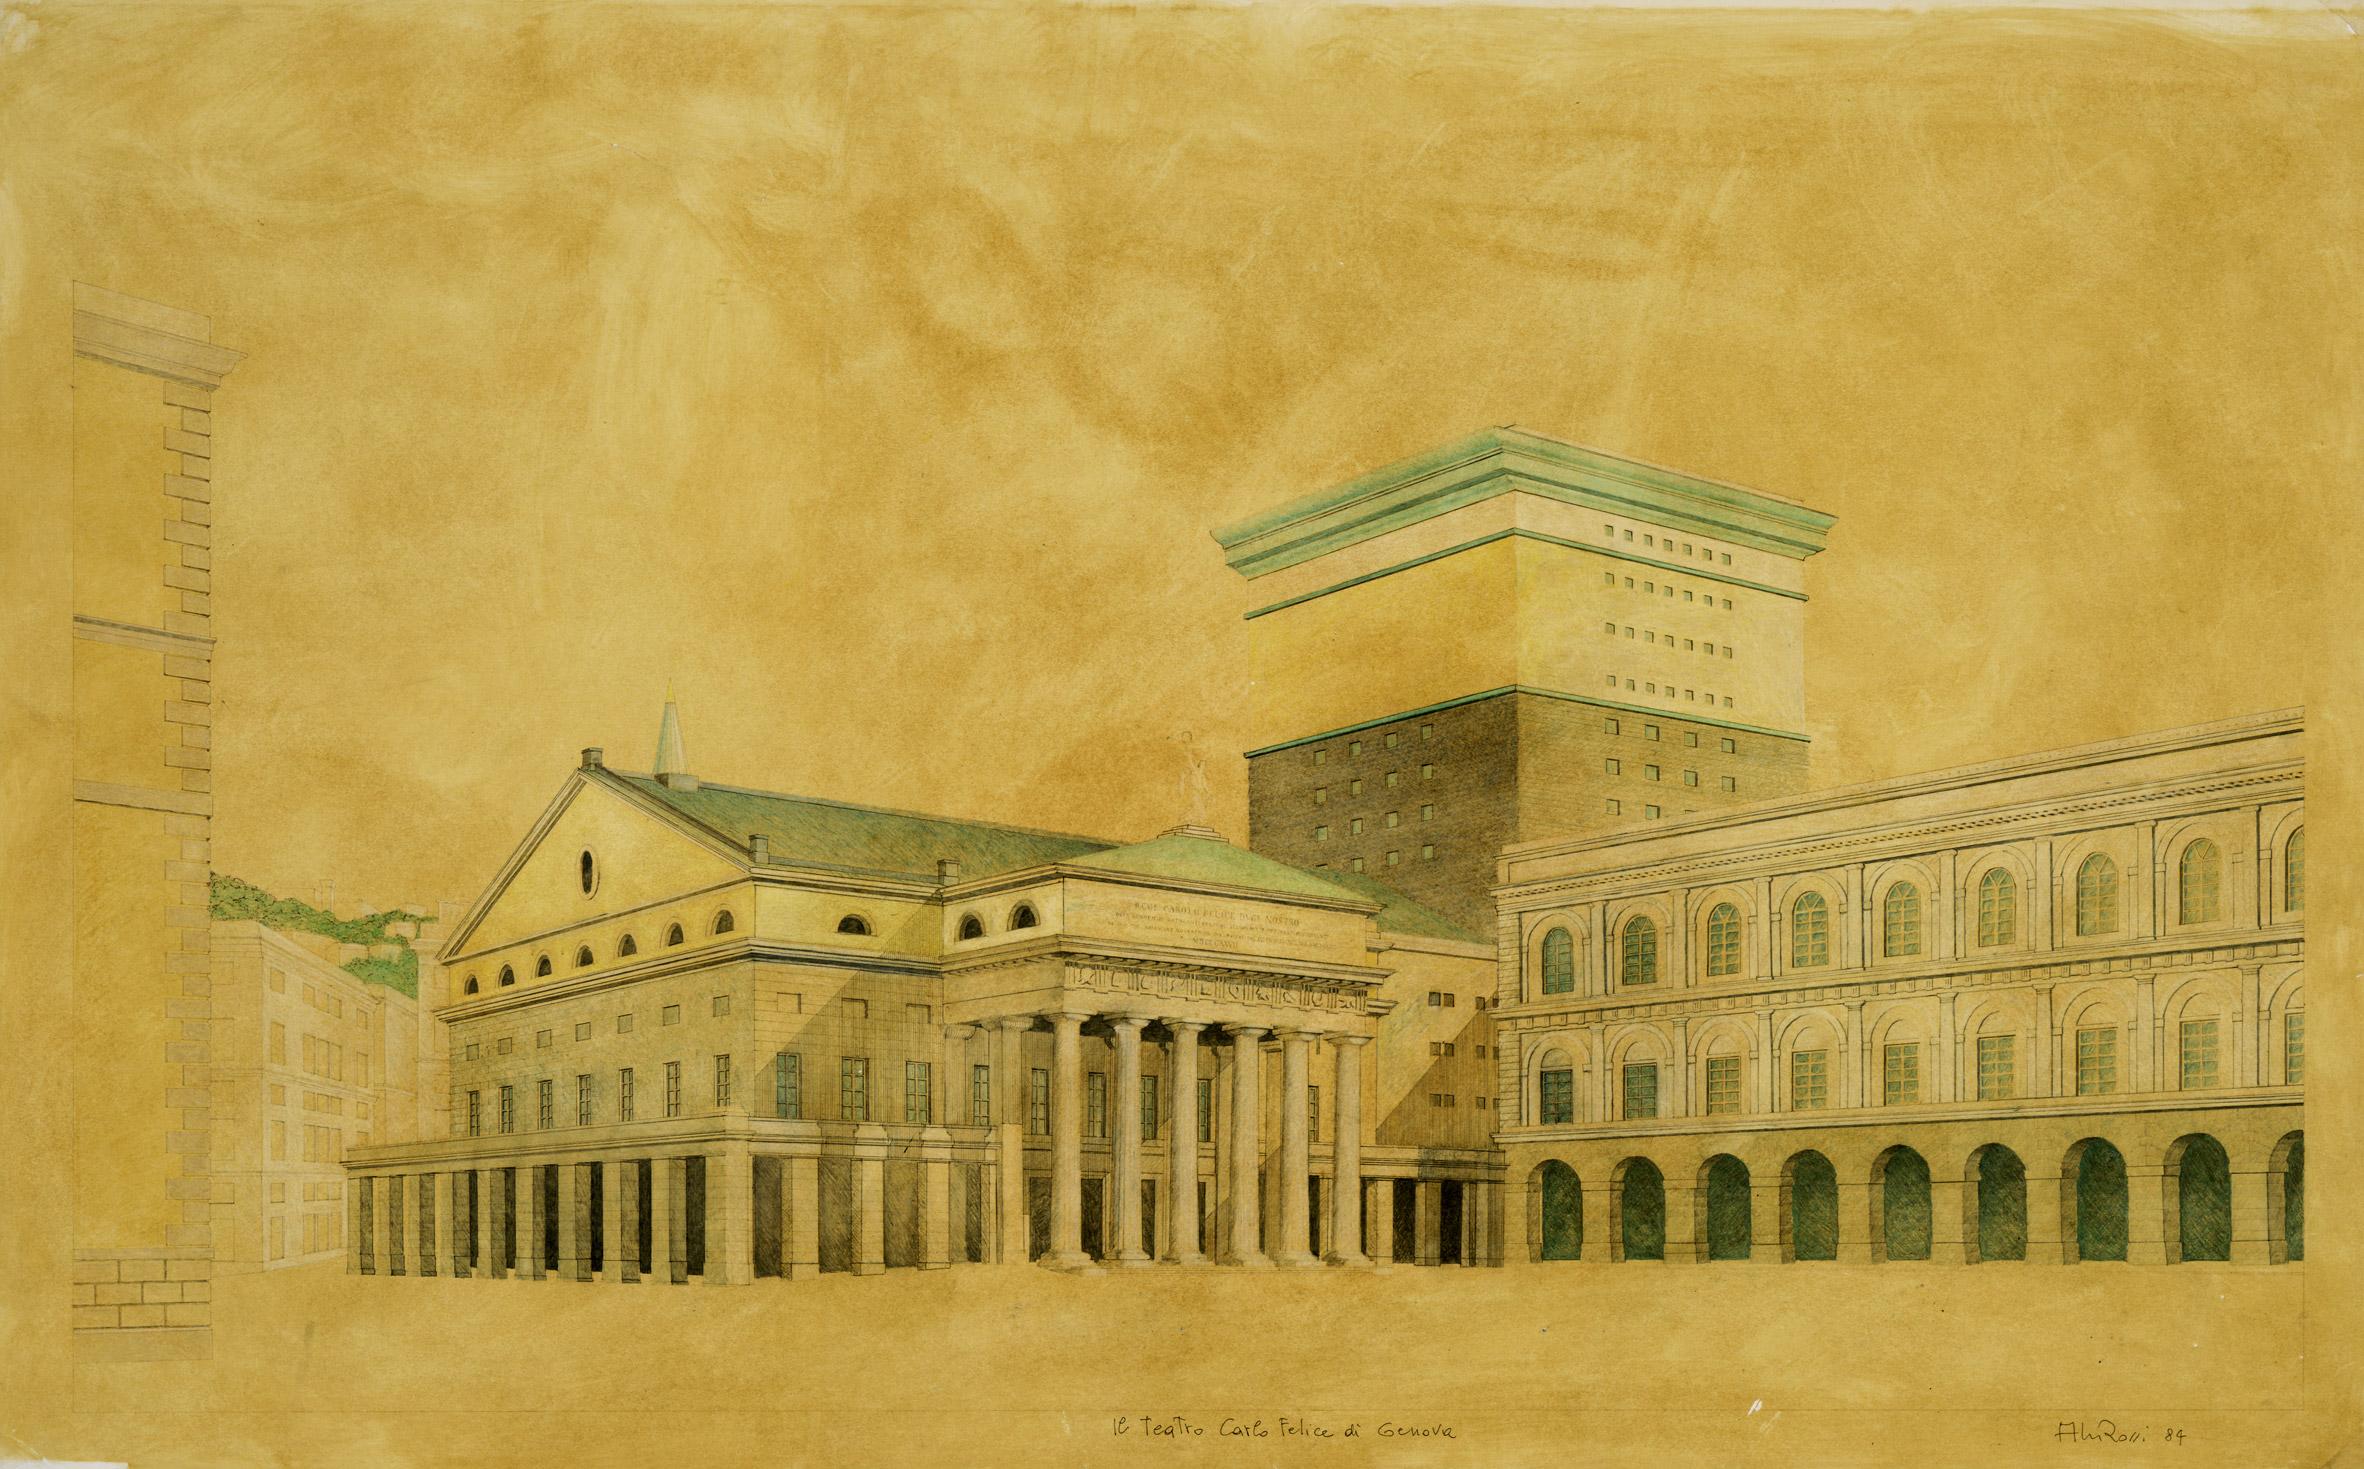 Genoa theatre by Aldo Rossi